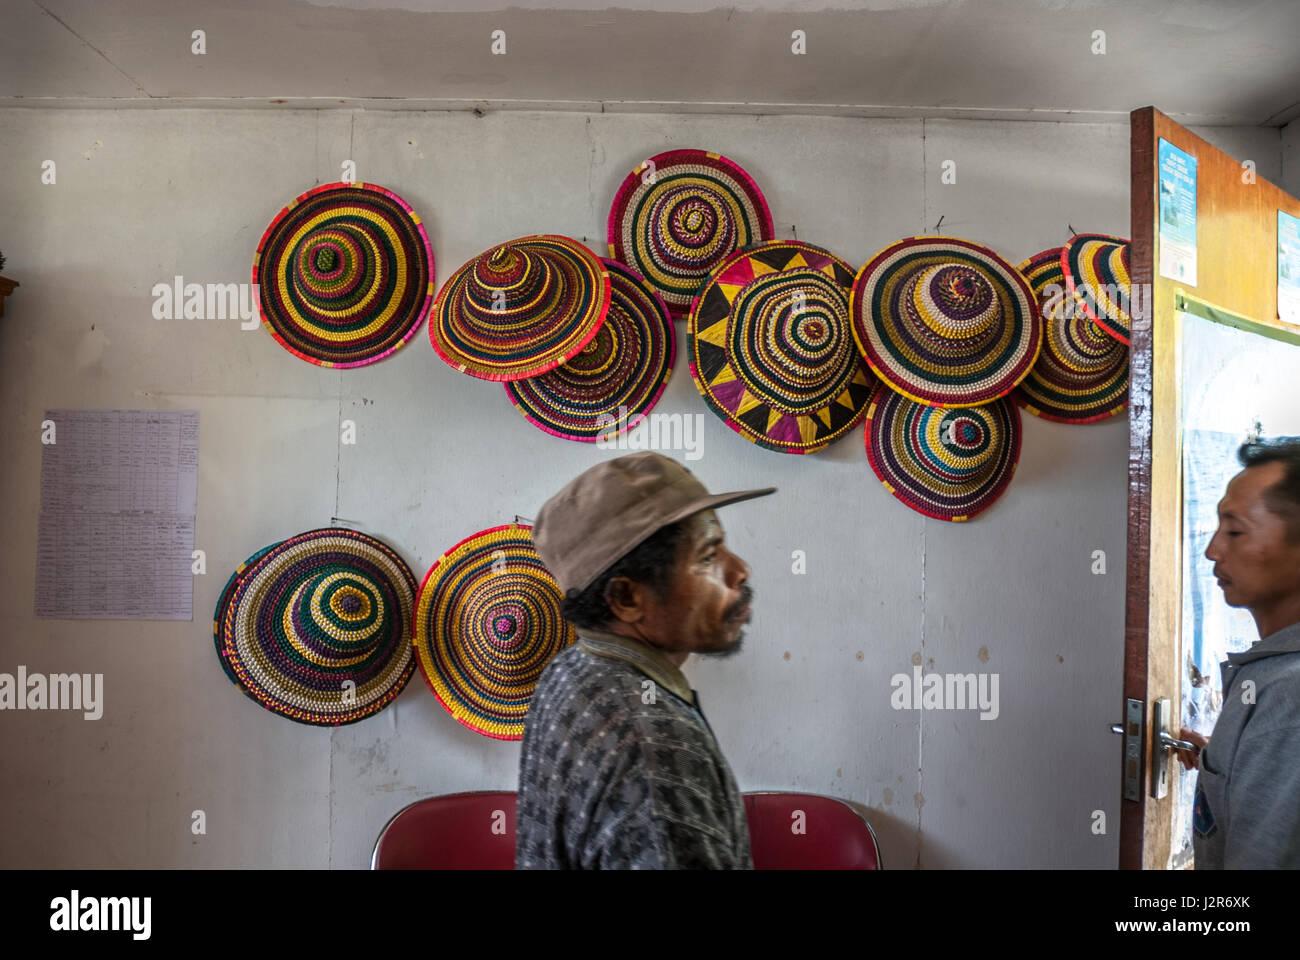 Faites à la main des chapeaux pour les touristes, développé comme une source alternative de revenus Photo Stock